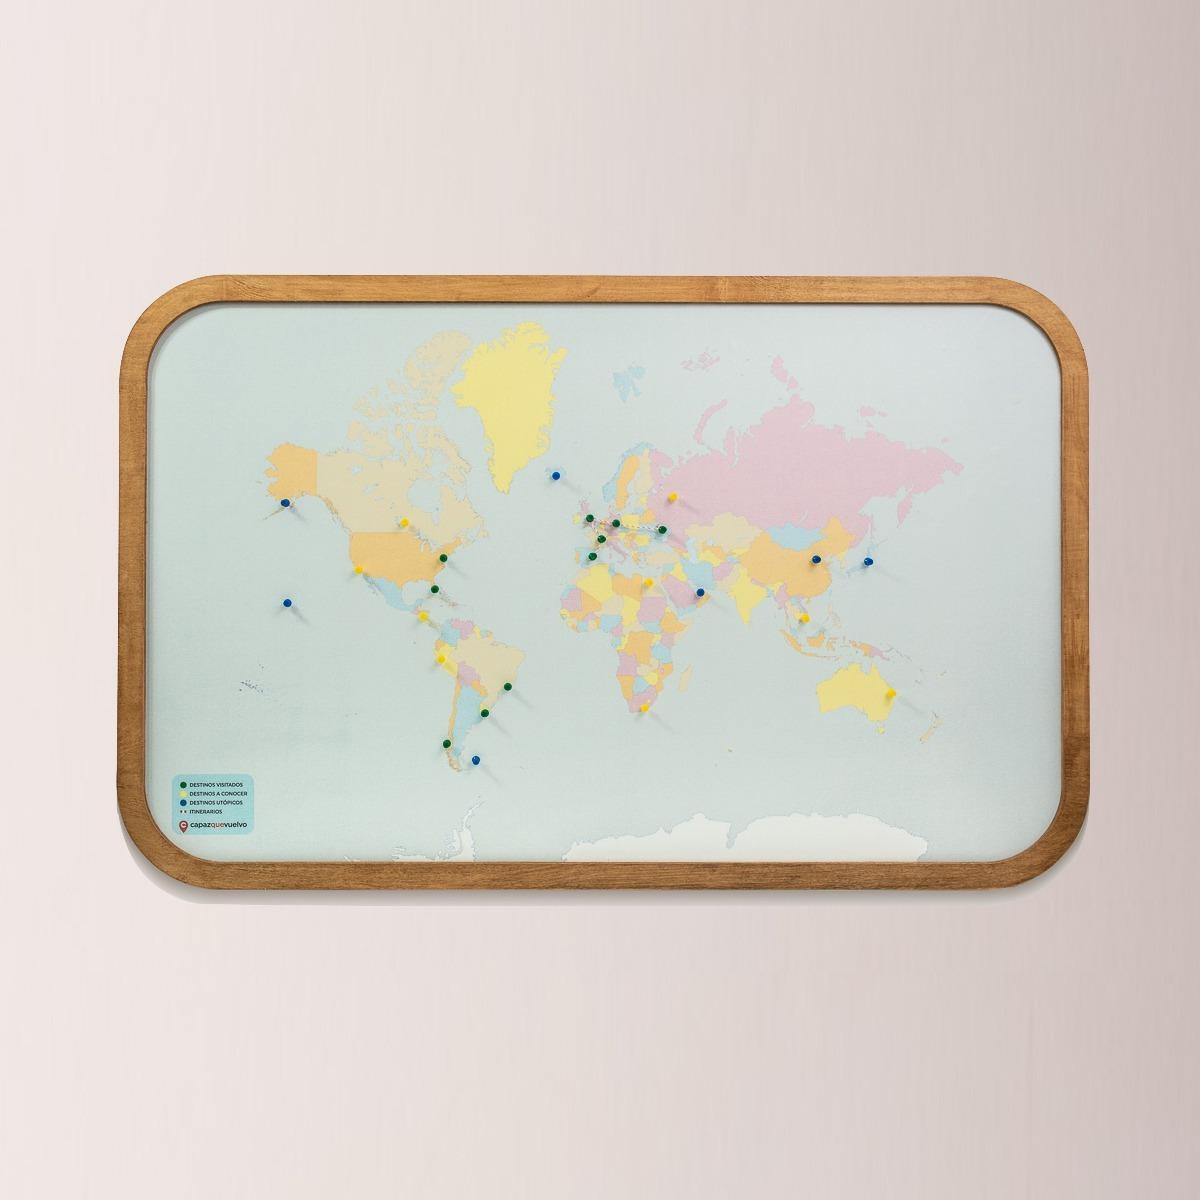 Mapa Para Marcar Viajes.Cuadro Mapa Planisferio Para Marcar Lugares Visitados 106x67